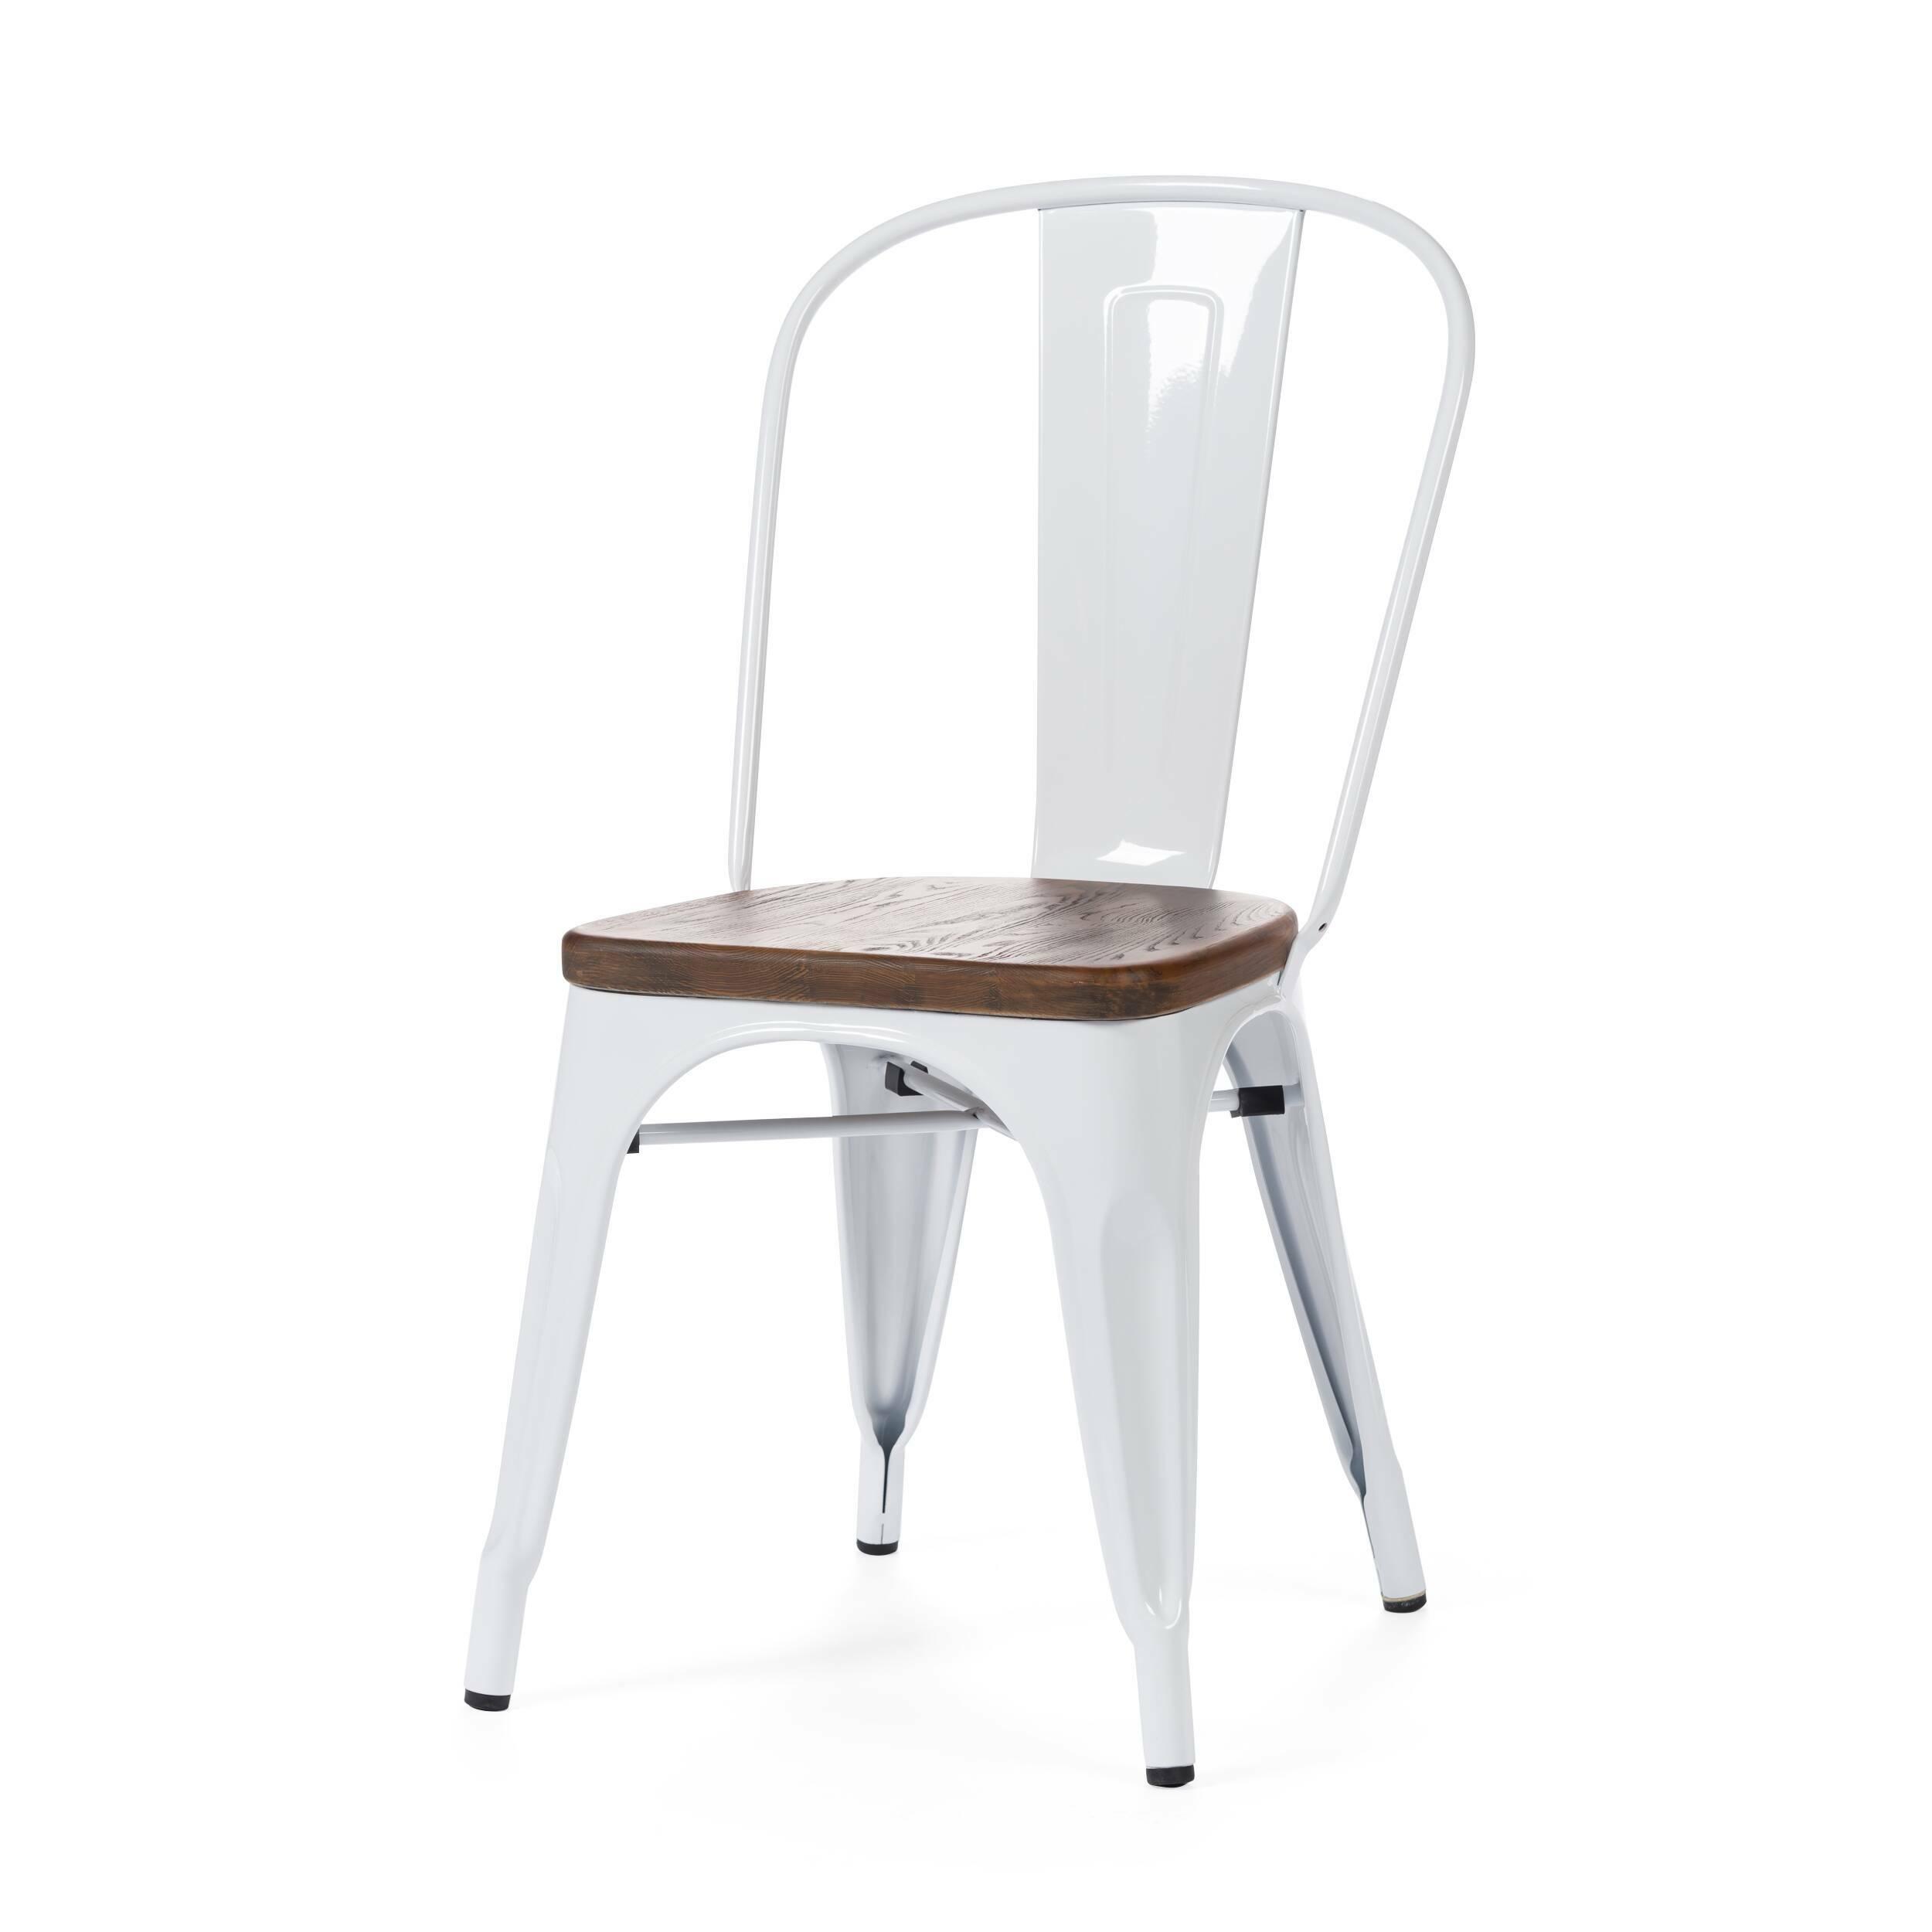 Стул Marais WoodИнтерьерные<br>Дизайнерский креативный жесткий стул Marais Wood (Мэрейс Вуд) на стальном каркасе с сиденьем из дерева от Cosmo (Космо).<br><br>     В современном мире не существует единого правила для создания интерьера, это вопрос личных предпочтений. Кто-то любит наличие картин в золоченых резных рамах, кто-то увлекается яркими восточными коврами и рогожками, а кому-то ближе холодный приглушенный блеск металла и промышленный дизайн в оформлении жилища.<br><br><br> Стул Marais Wood  — это именно индустриальный стиль...<br><br>stock: 0<br>Высота: 85<br>Высота сиденья: 45<br>Ширина: 46<br>Глубина: 51<br>Тип материала каркаса: Сталь<br>Материал сидения: Массив ивы<br>Цвет сидения: Темно-коричневый<br>Тип материала сидения: Дерево<br>Цвет каркаса: Белый